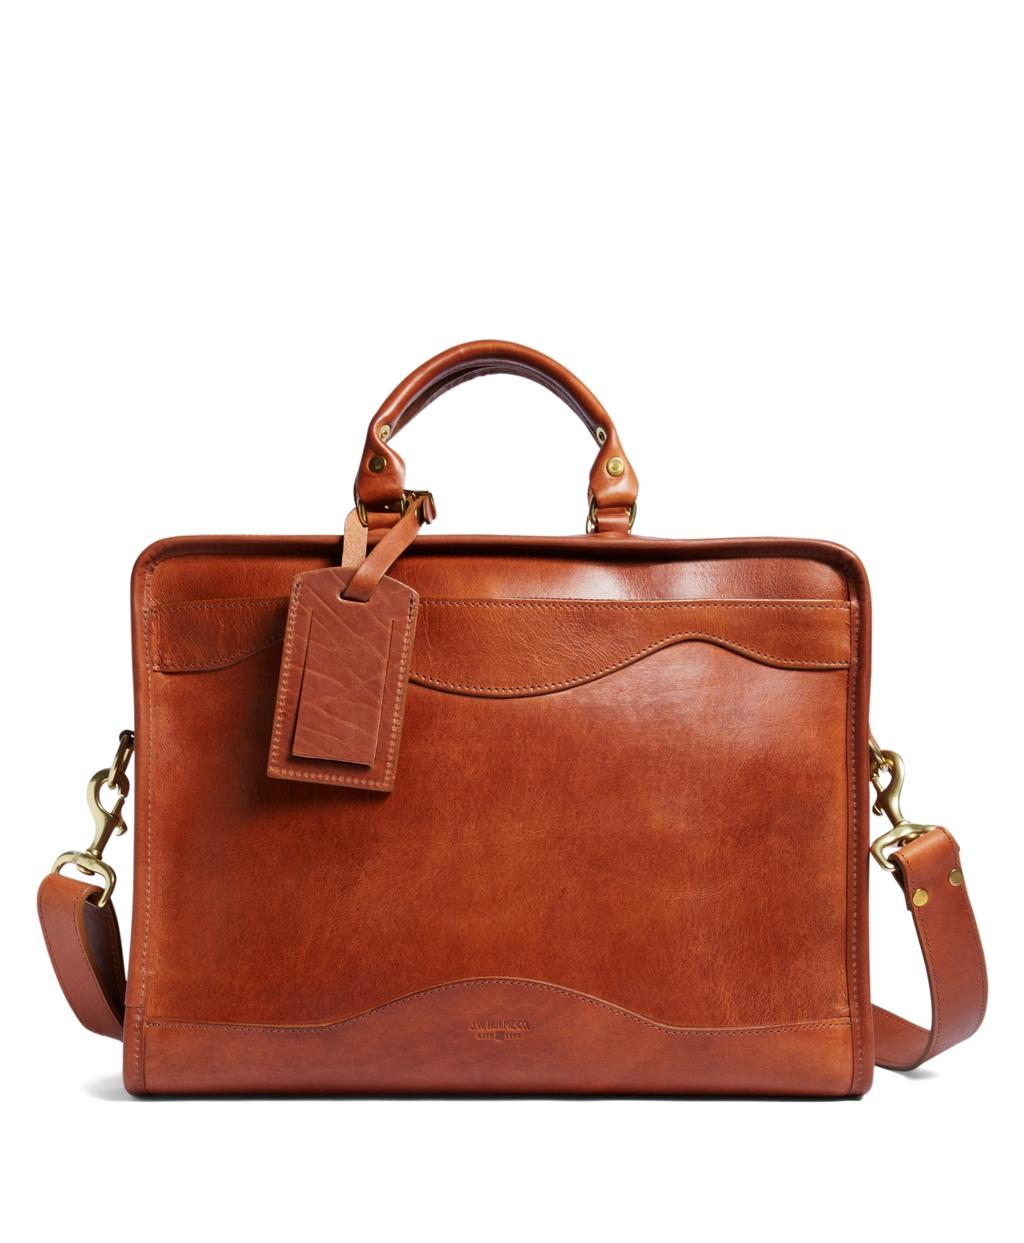 Brooks Brothers J.W. Hulme Leather Slim Portfolio ...